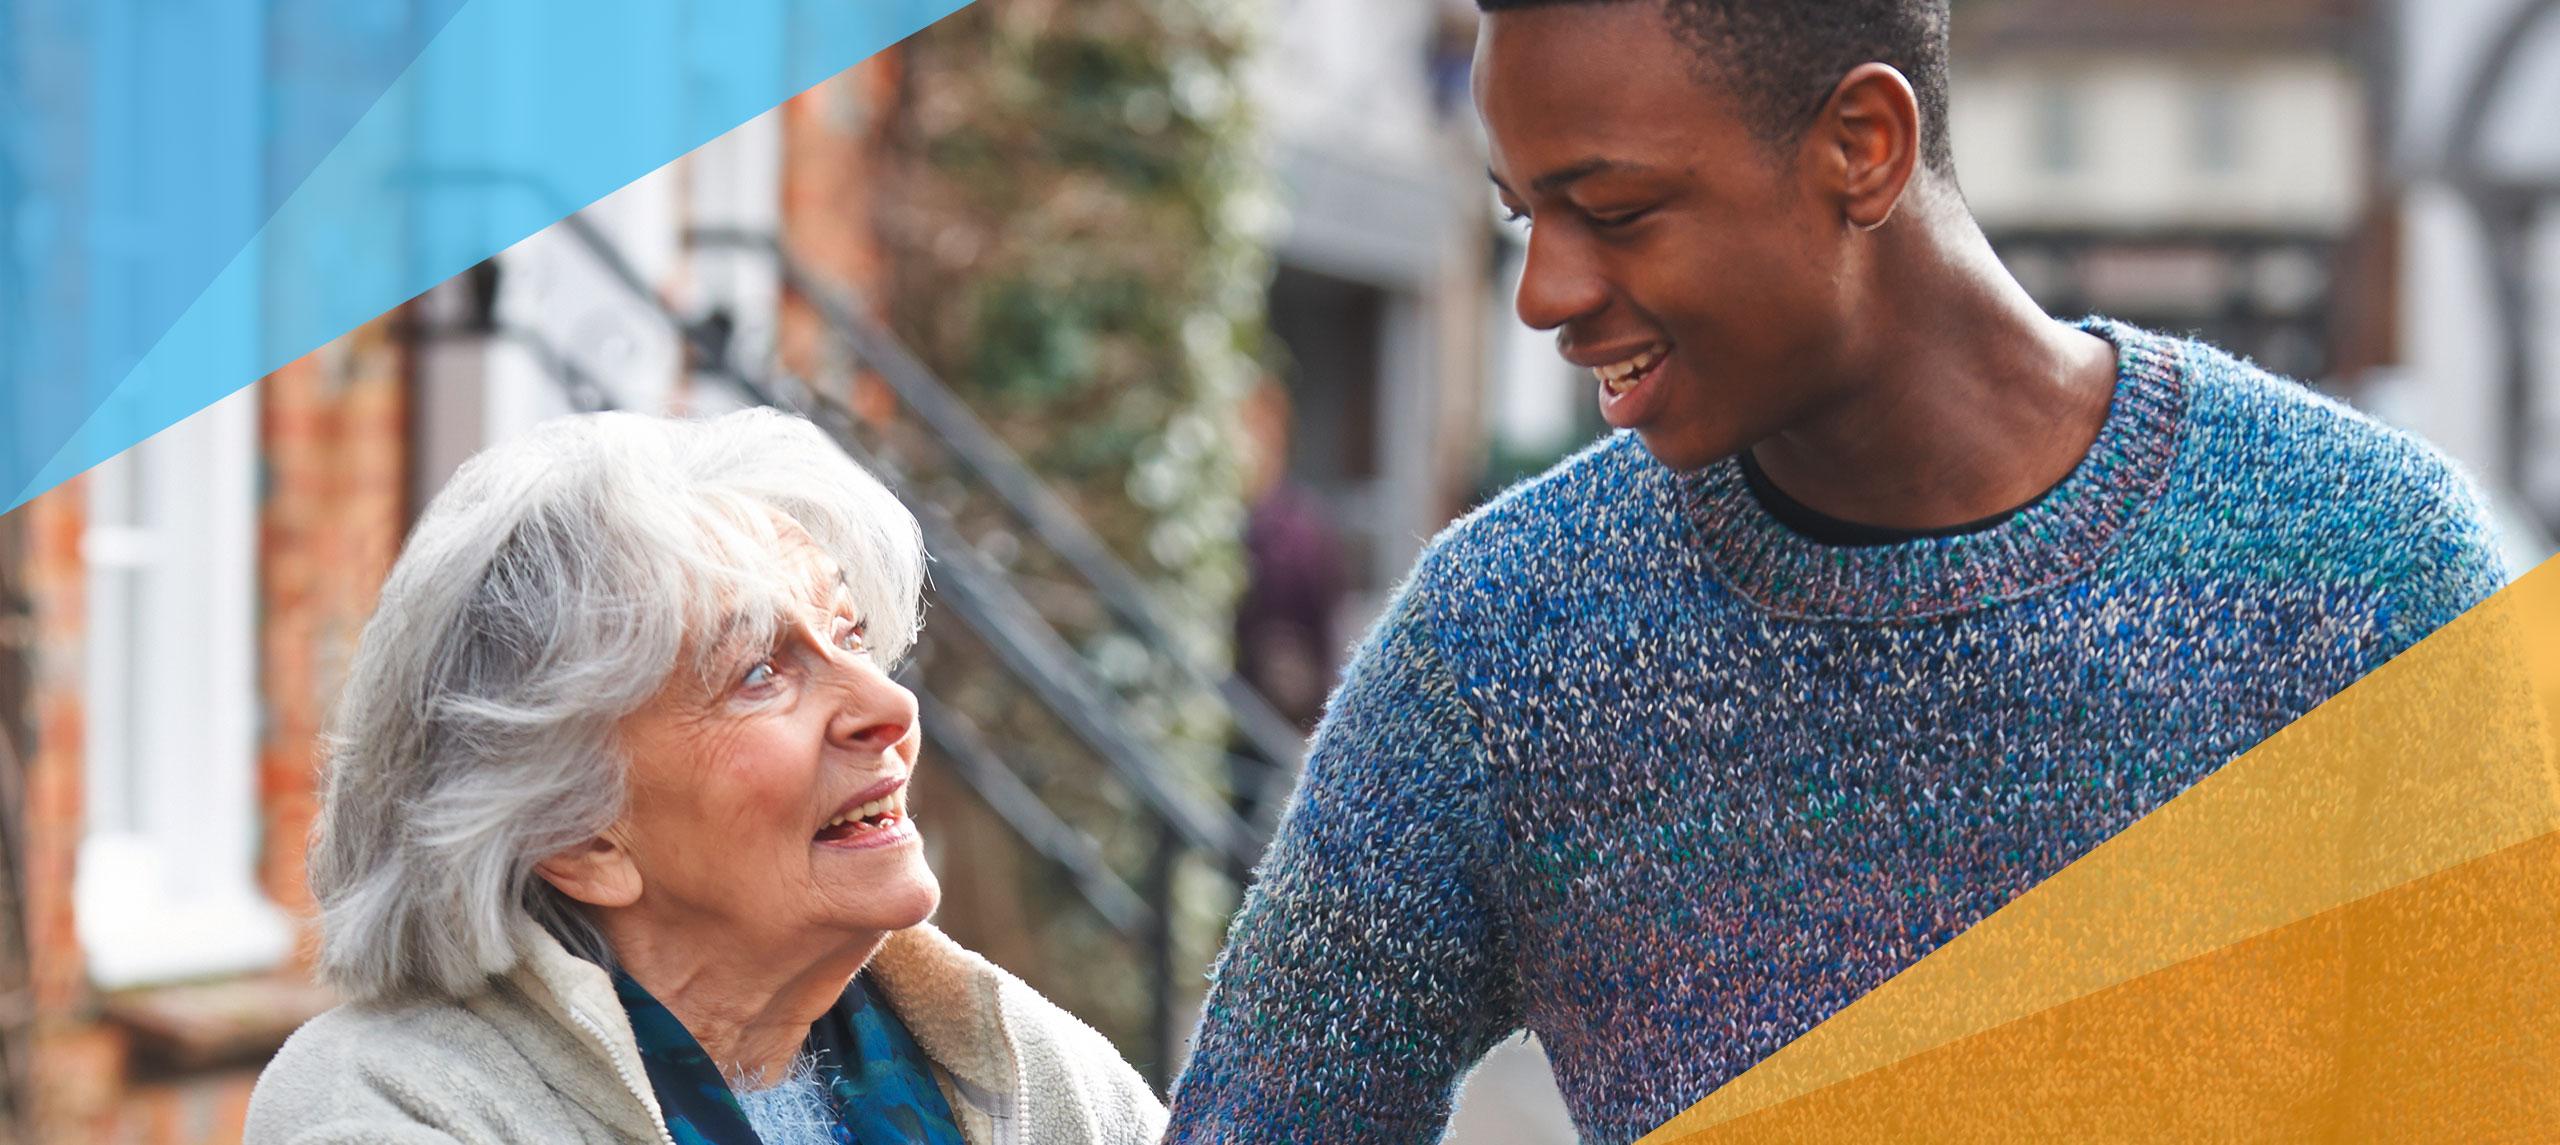 Ein junger Mann mit dunkler Hautfarbe hilft einer älteren Frau beim Tragen des Einkaufs